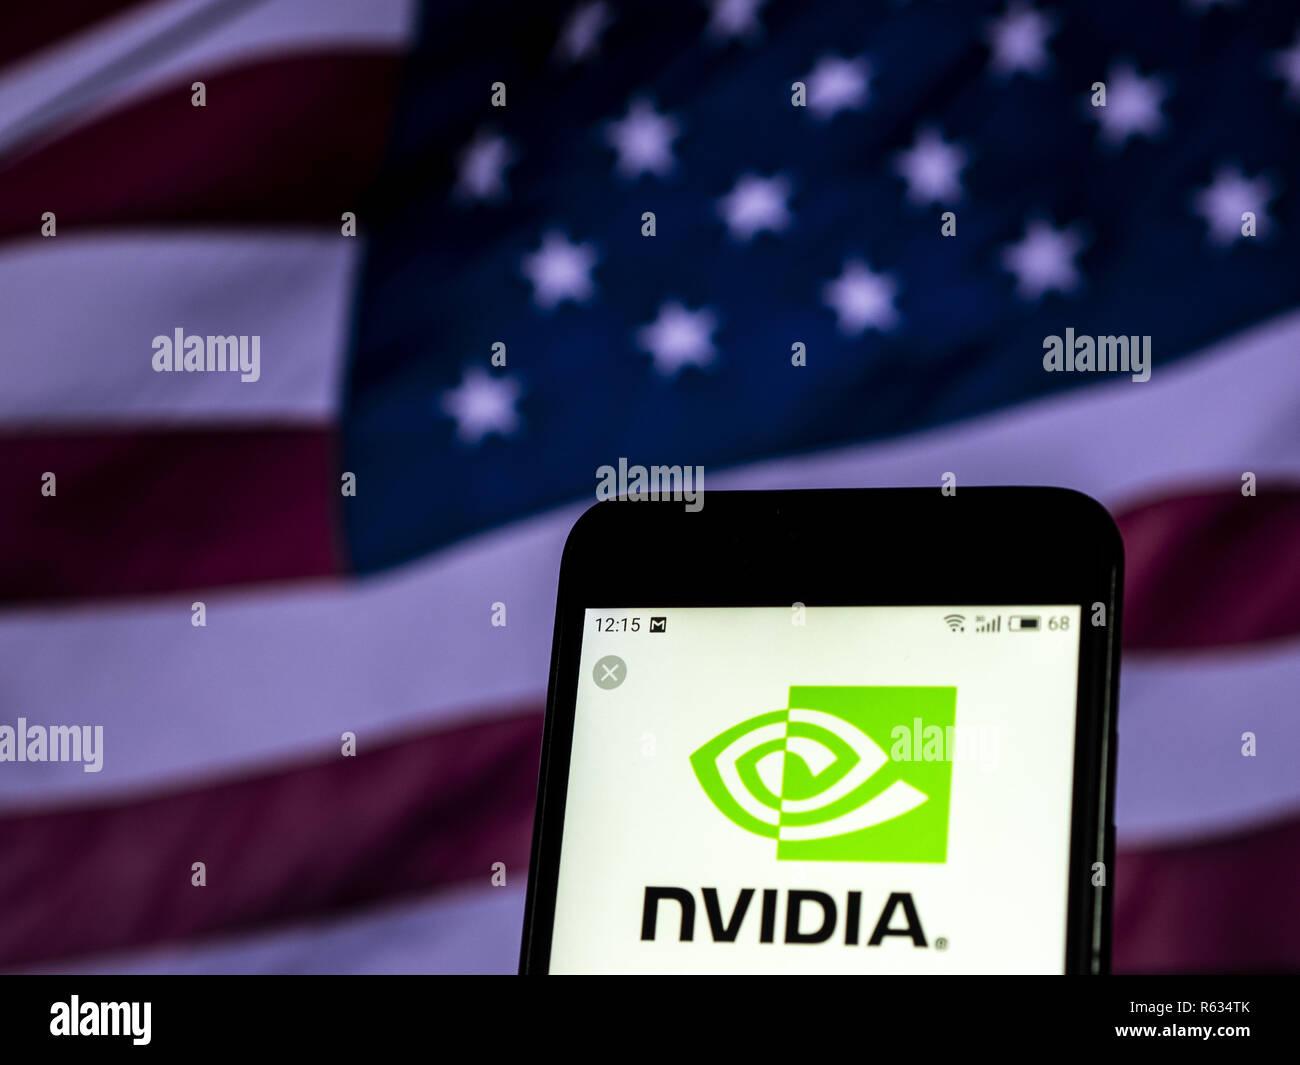 Nvidia Logo Stock Photos & Nvidia Logo Stock Images - Alamy